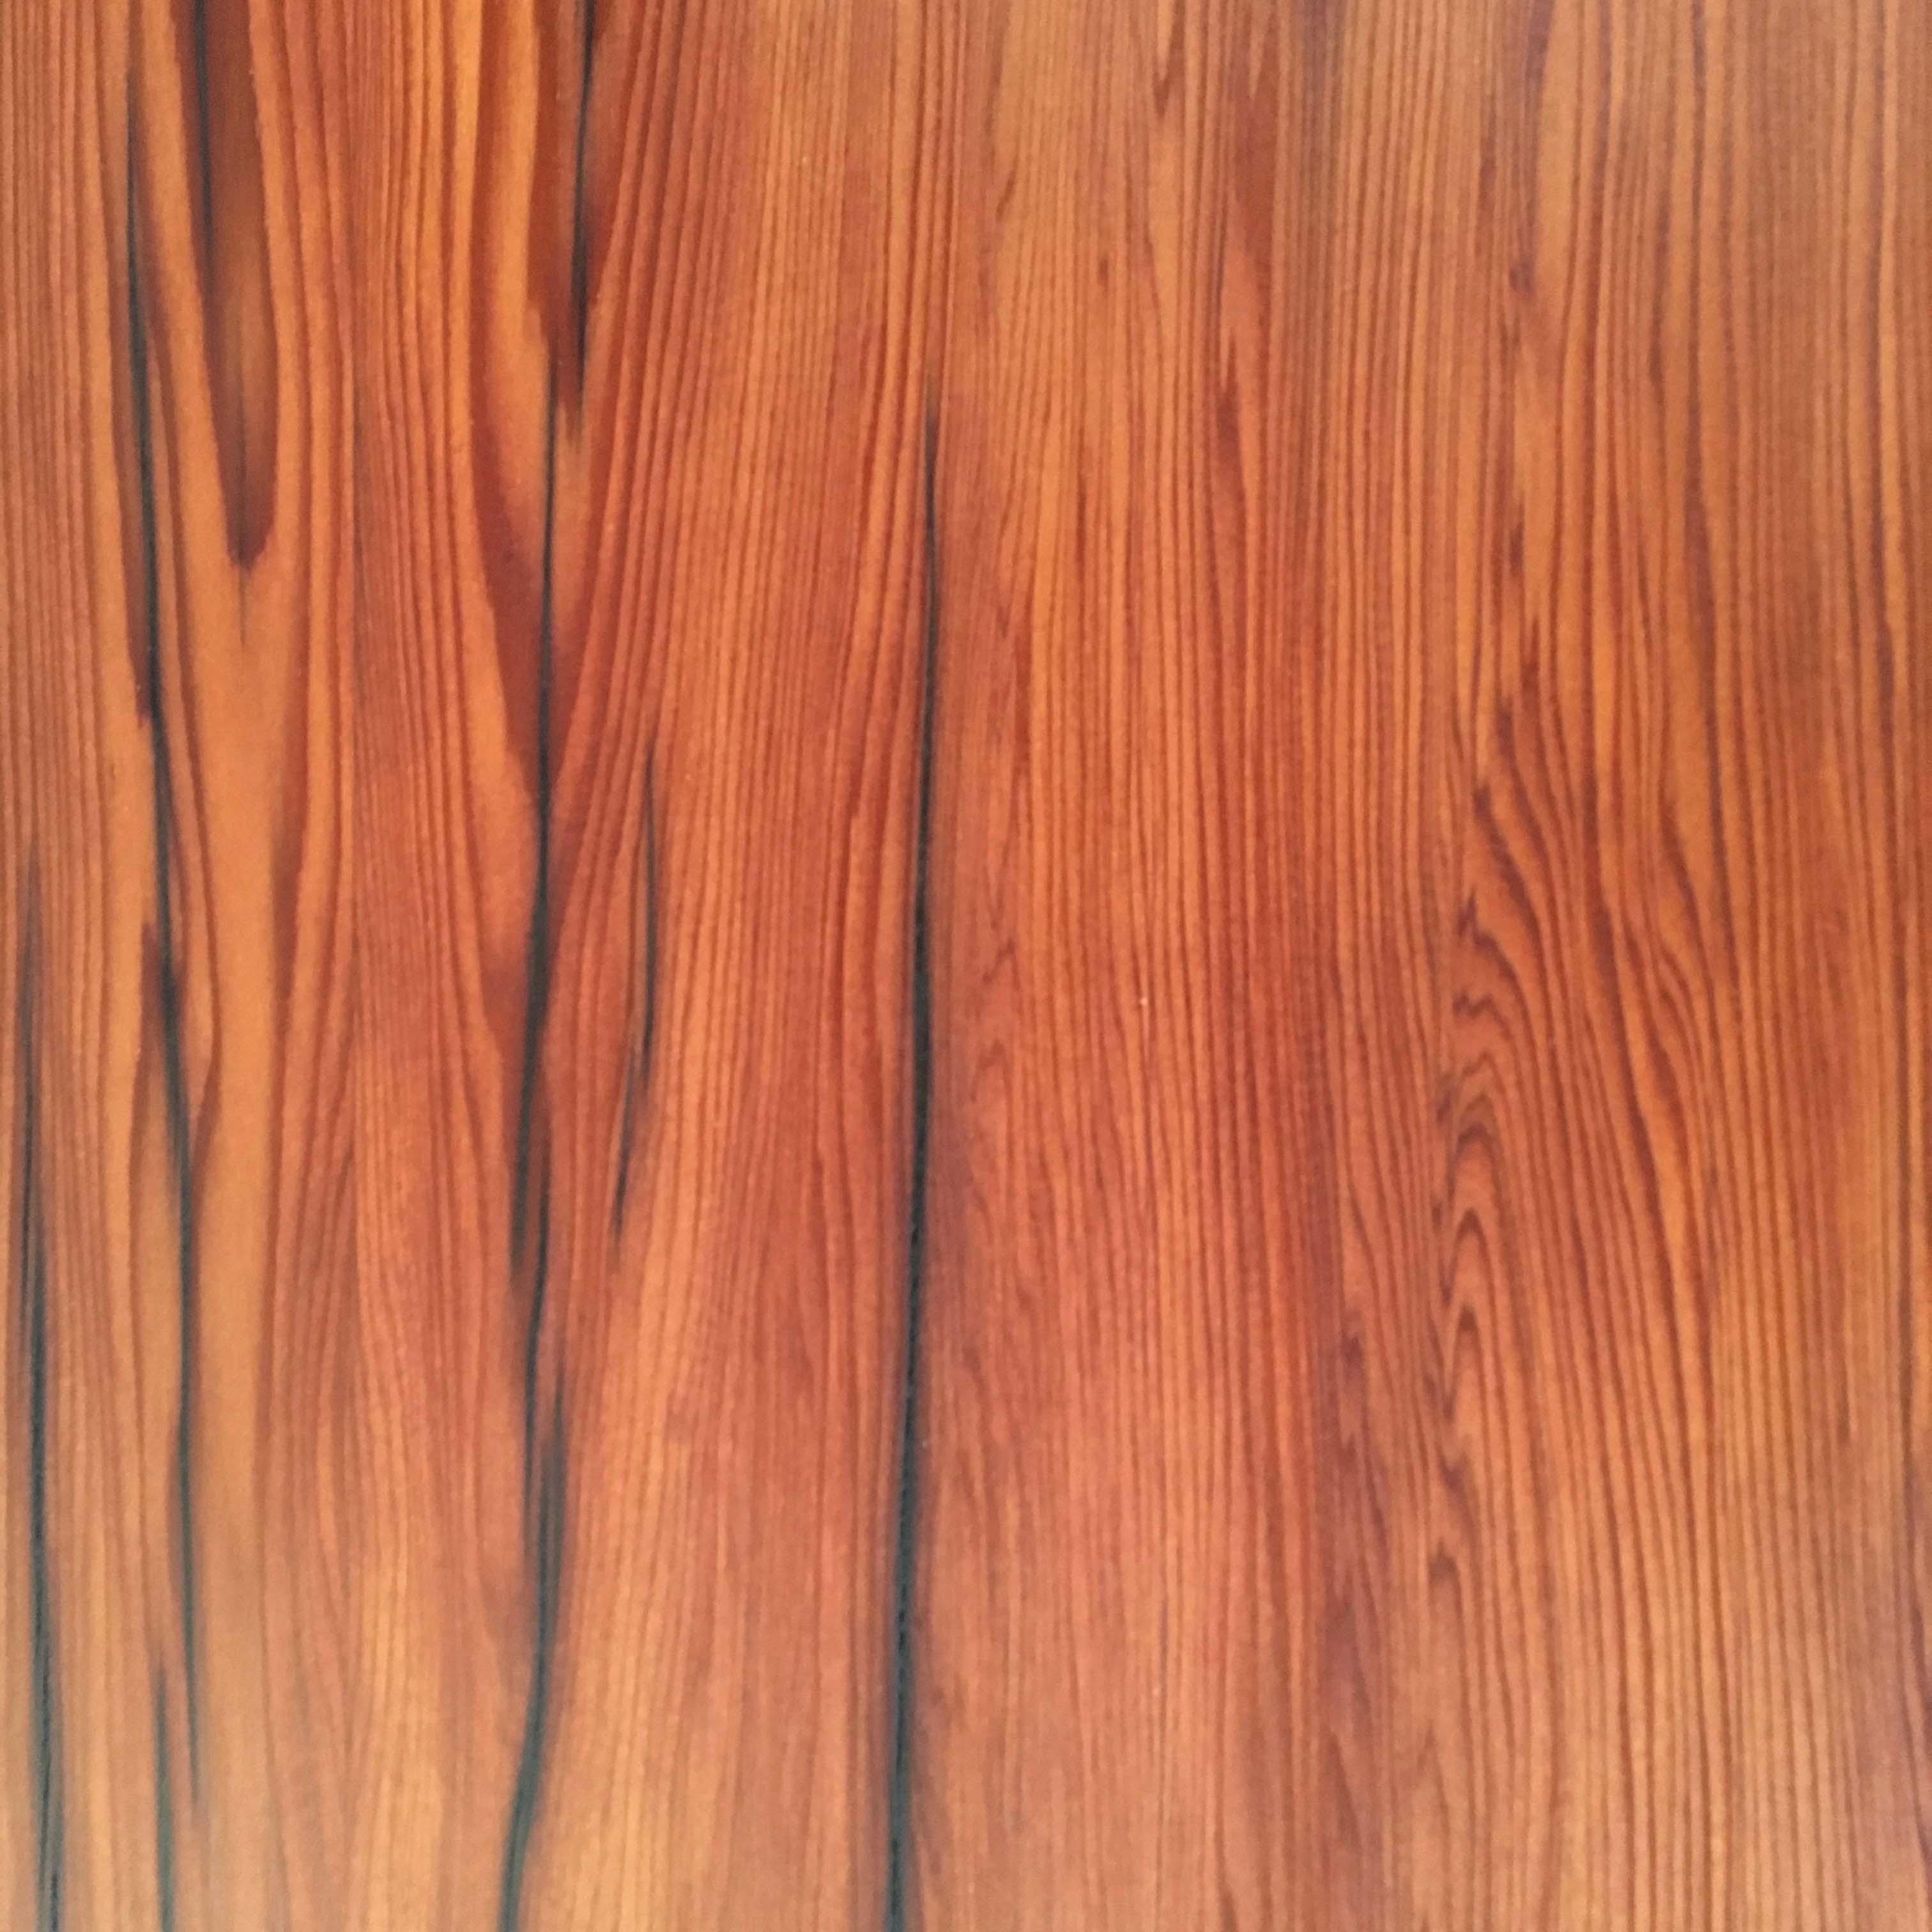 surfaced redwood beams02 - Vintage Reclaimed Redwood